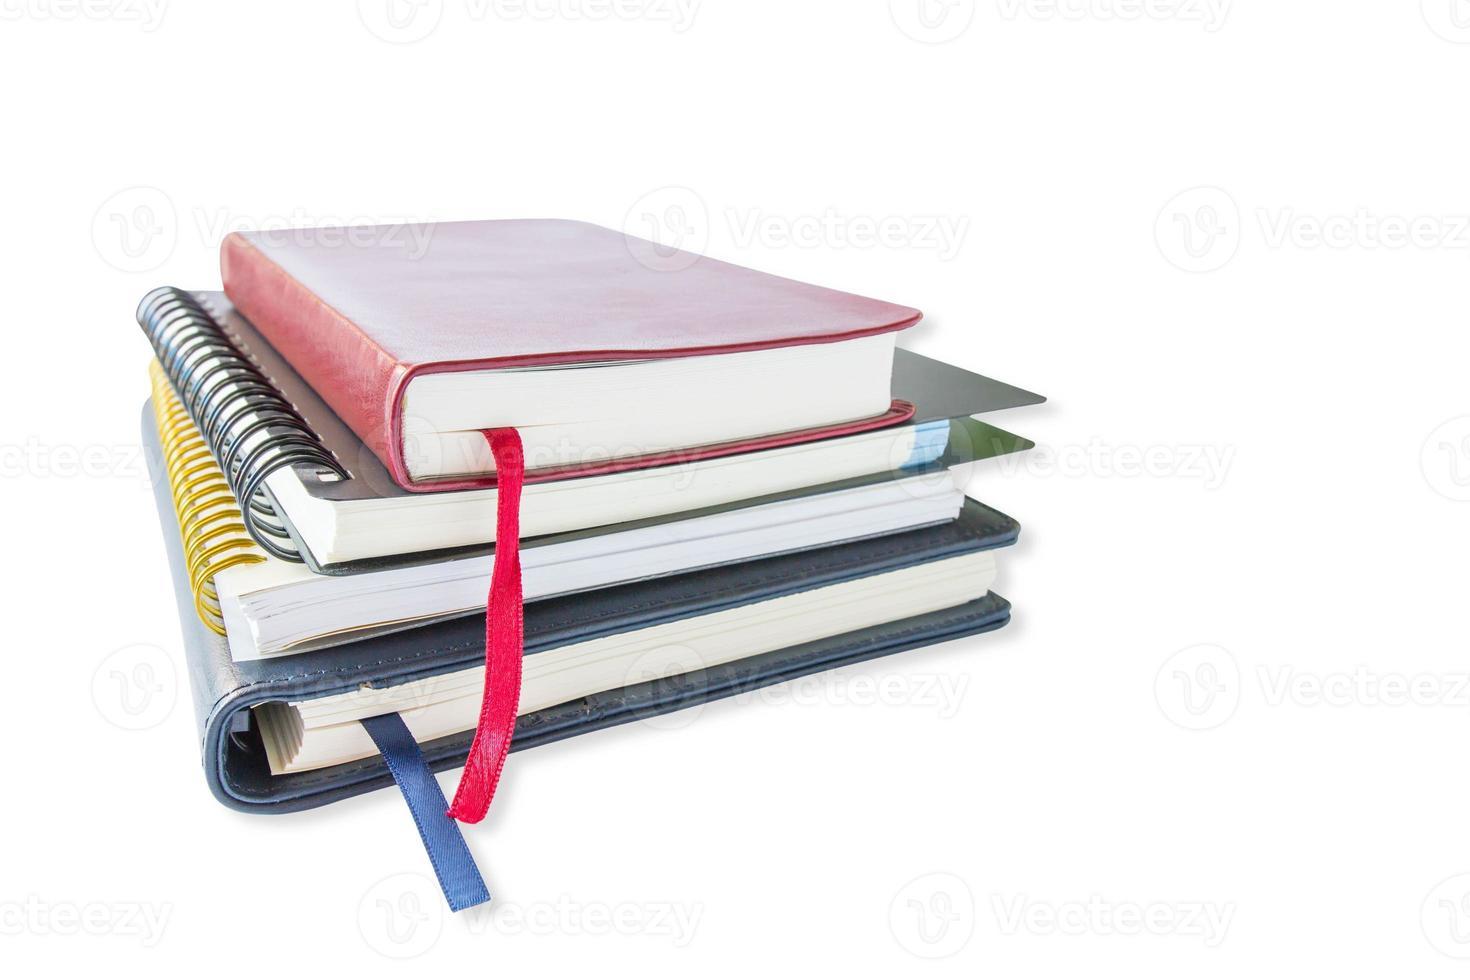 stapel boeken op een witte achtergrond foto